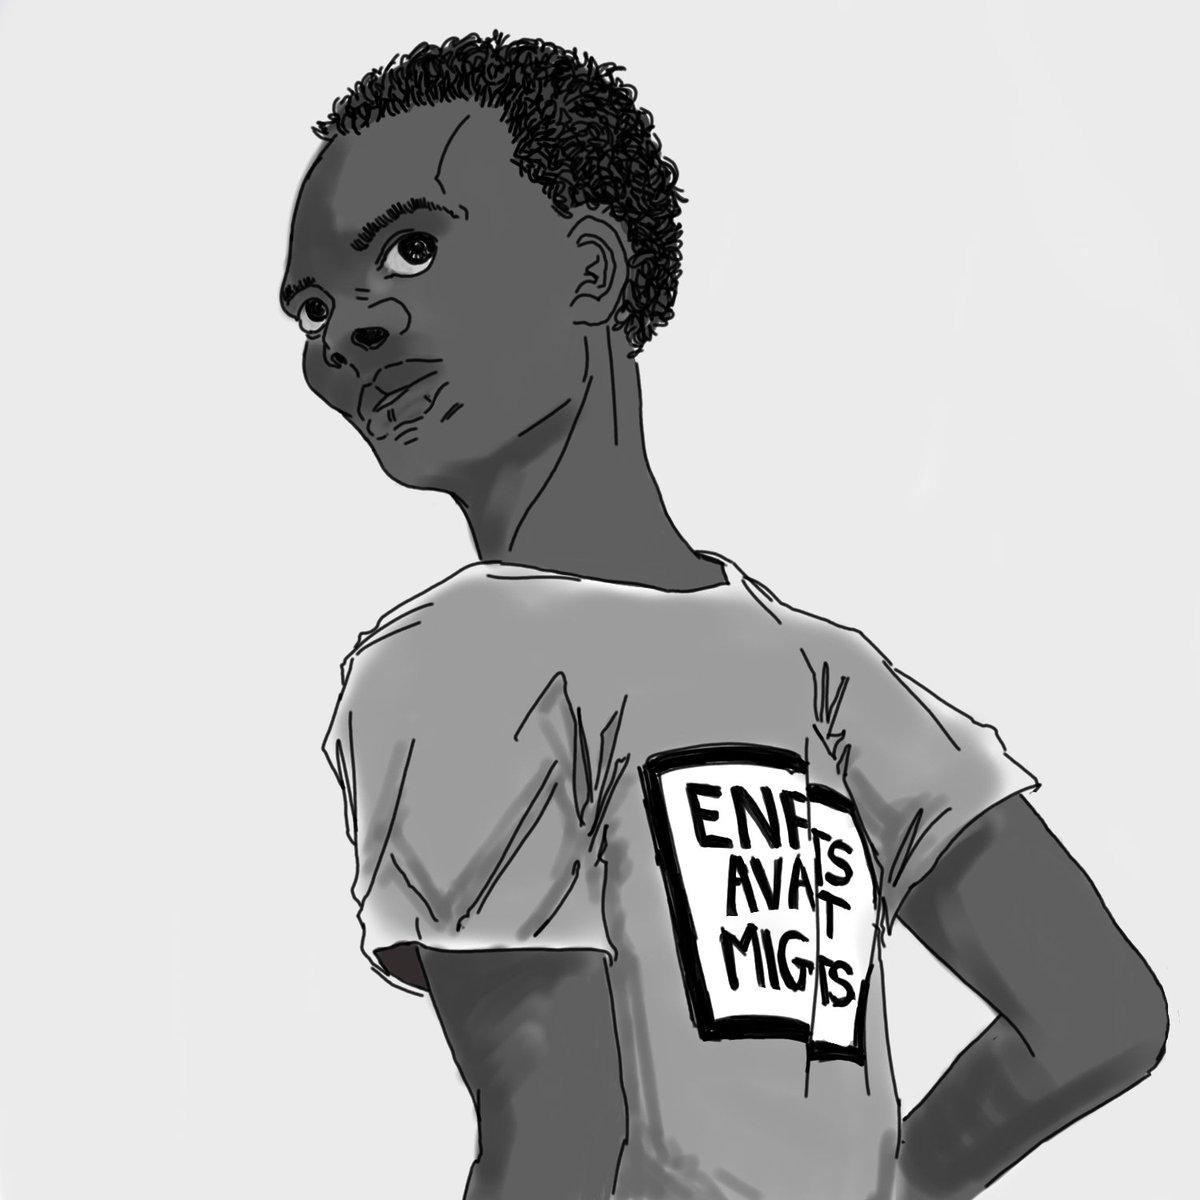 Journée internationale des #DroitsdelEnfant: M. @EmmanuelMacron, votre politique nous fait revenir 10 ans en arrière. Les mineurs non accompagnés sont avant tout des enfants en danger ! #EnfantAvantMigrant https://t.co/oBUZvQgpic